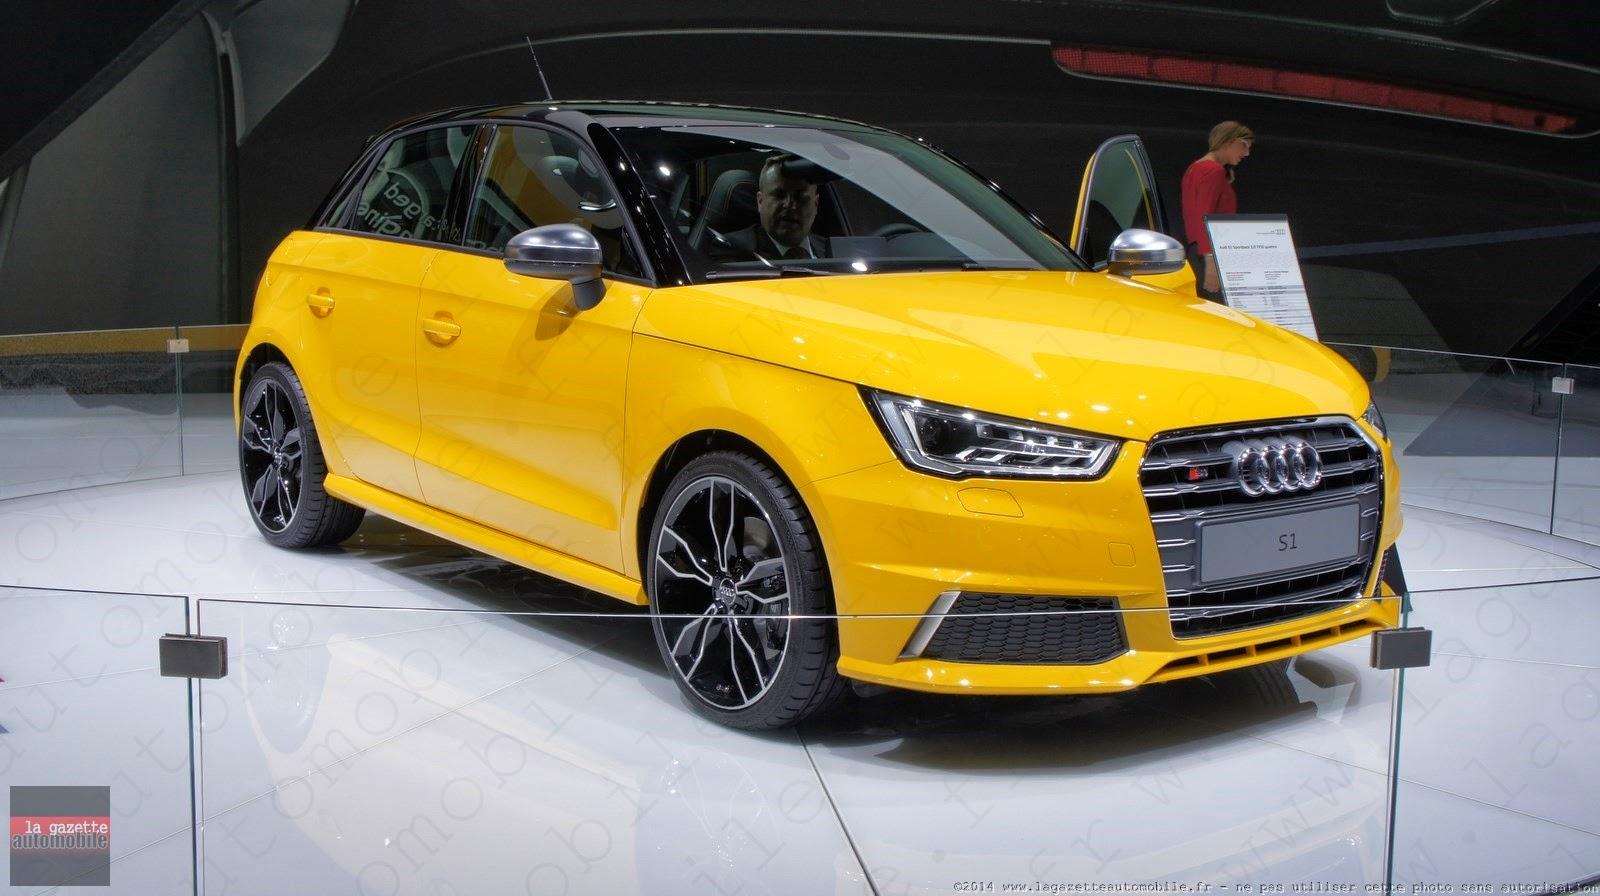 Genève : Audi S1